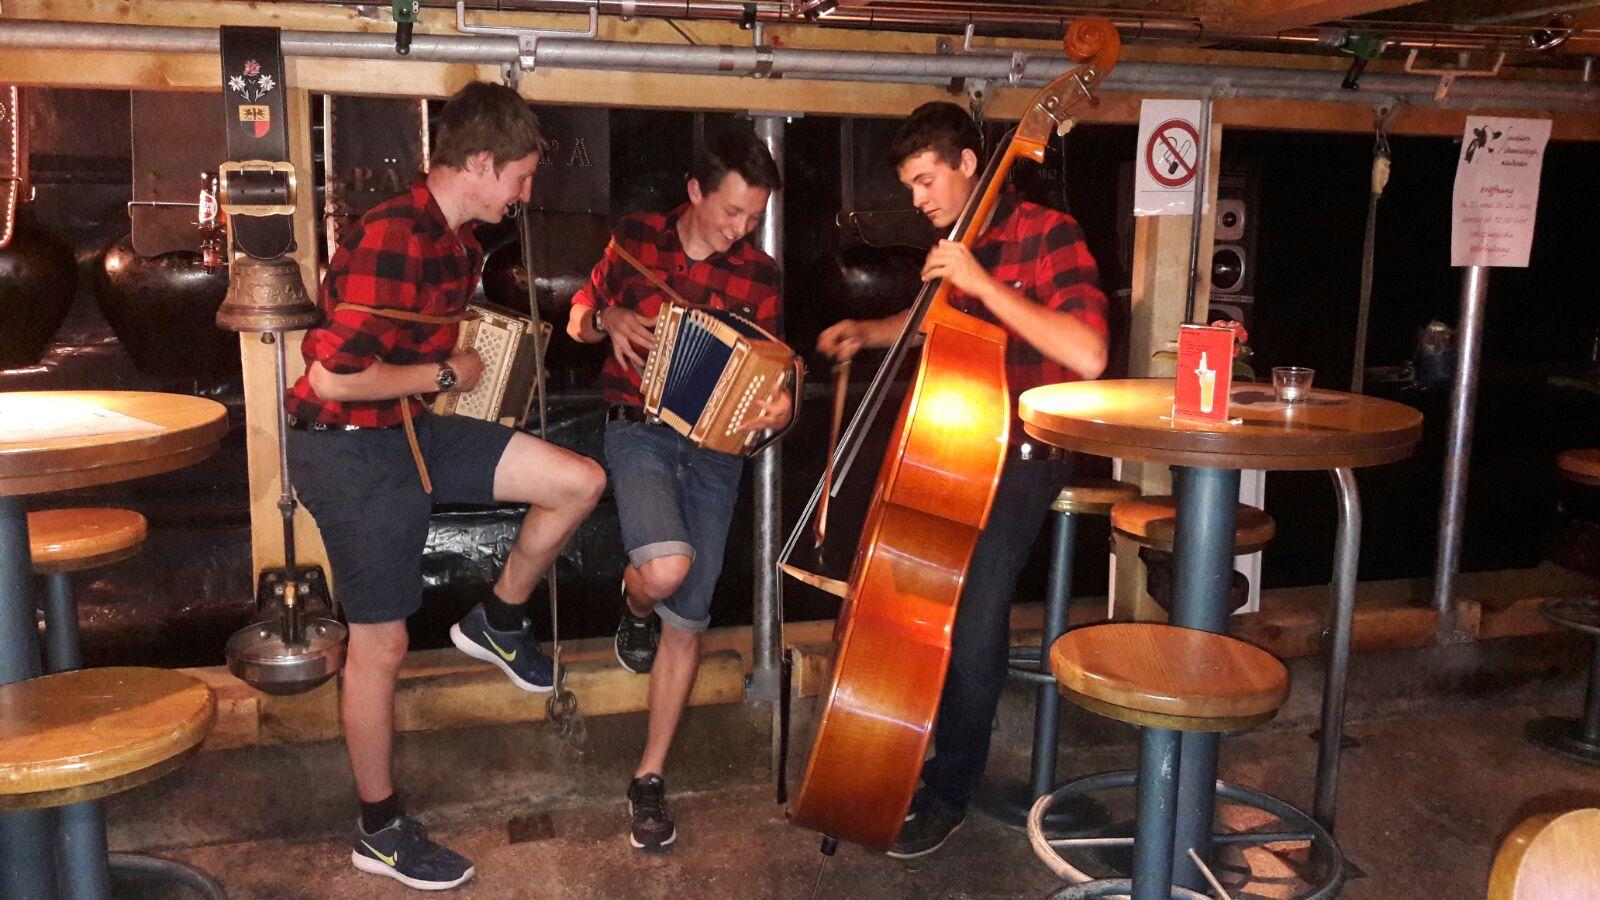 Spontaneinsatz in der Stallbar, Adelboden 2016